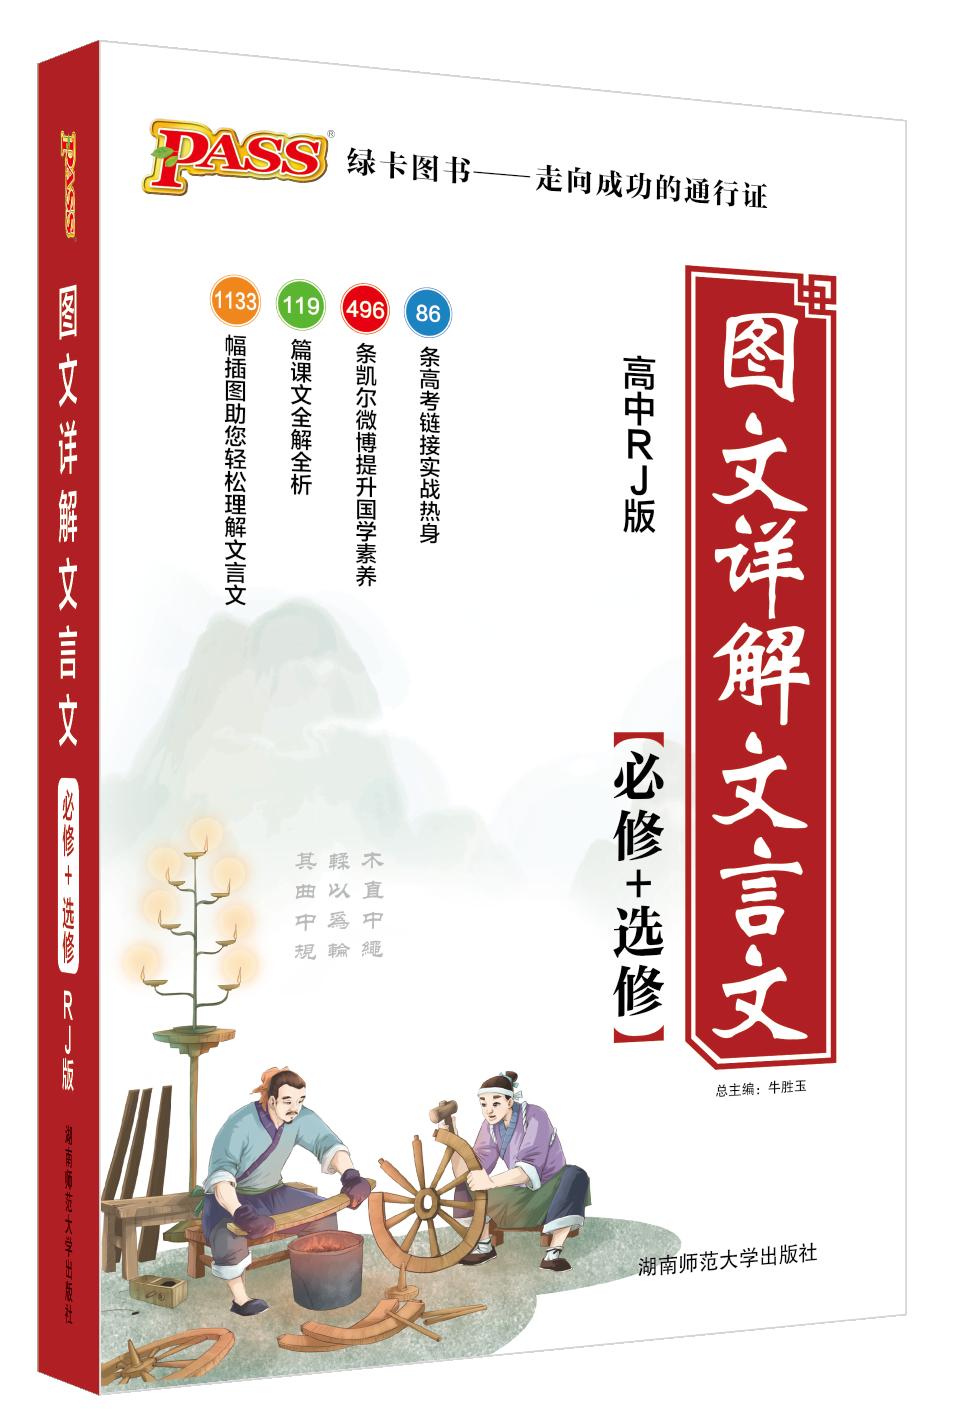 2016版PASS图文详解文言文高中 人教版